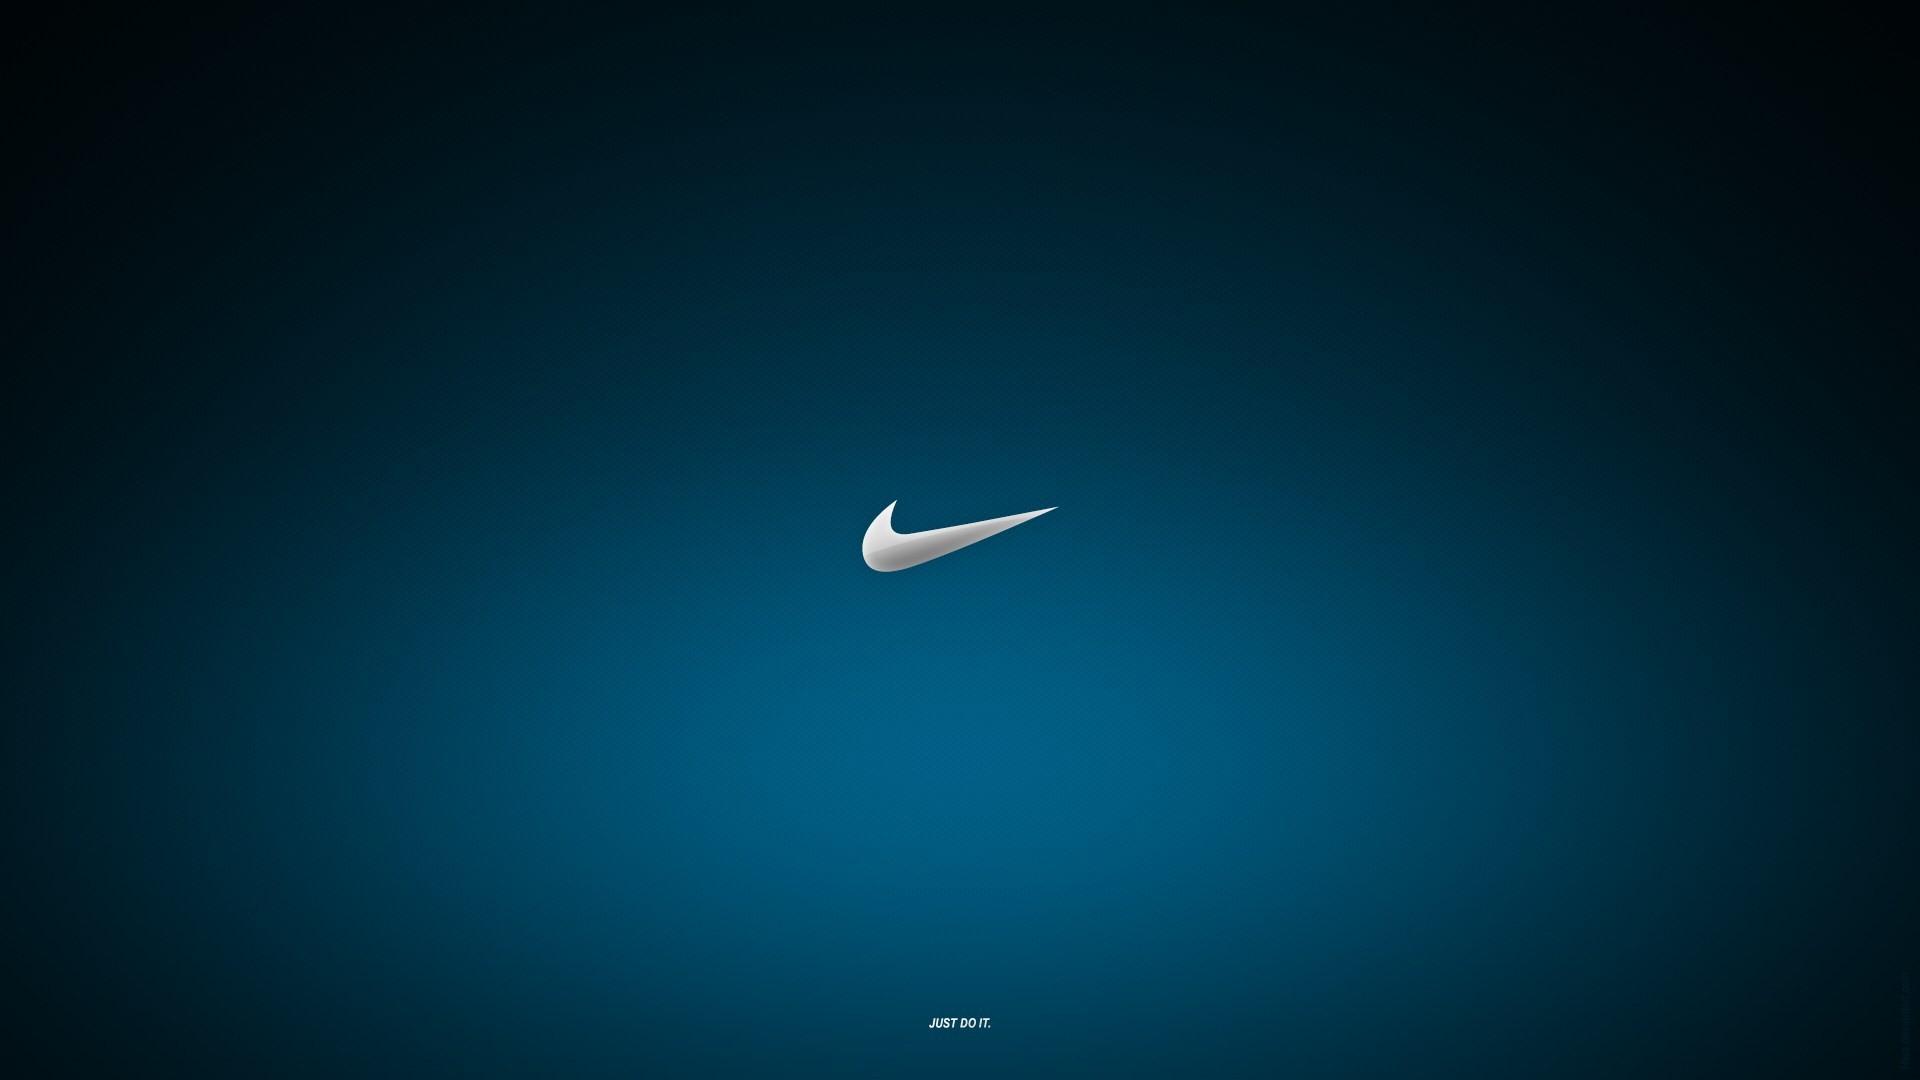 Nike Wallpaper HD 1080p (75+ Images